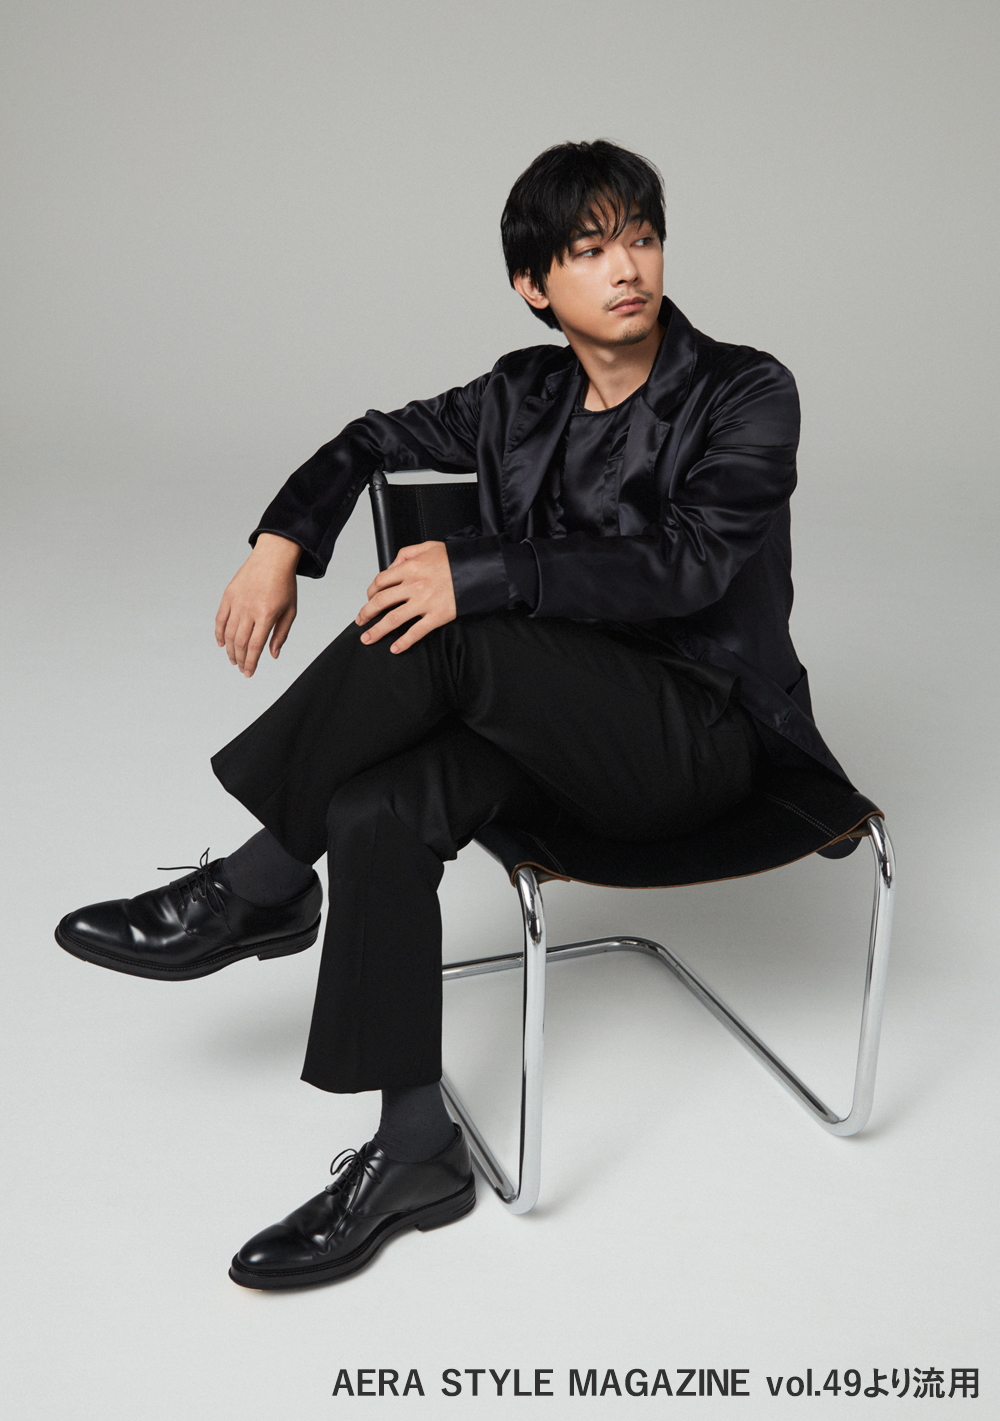 吉沢亮『アエラスタイルマガジンvol.49』より